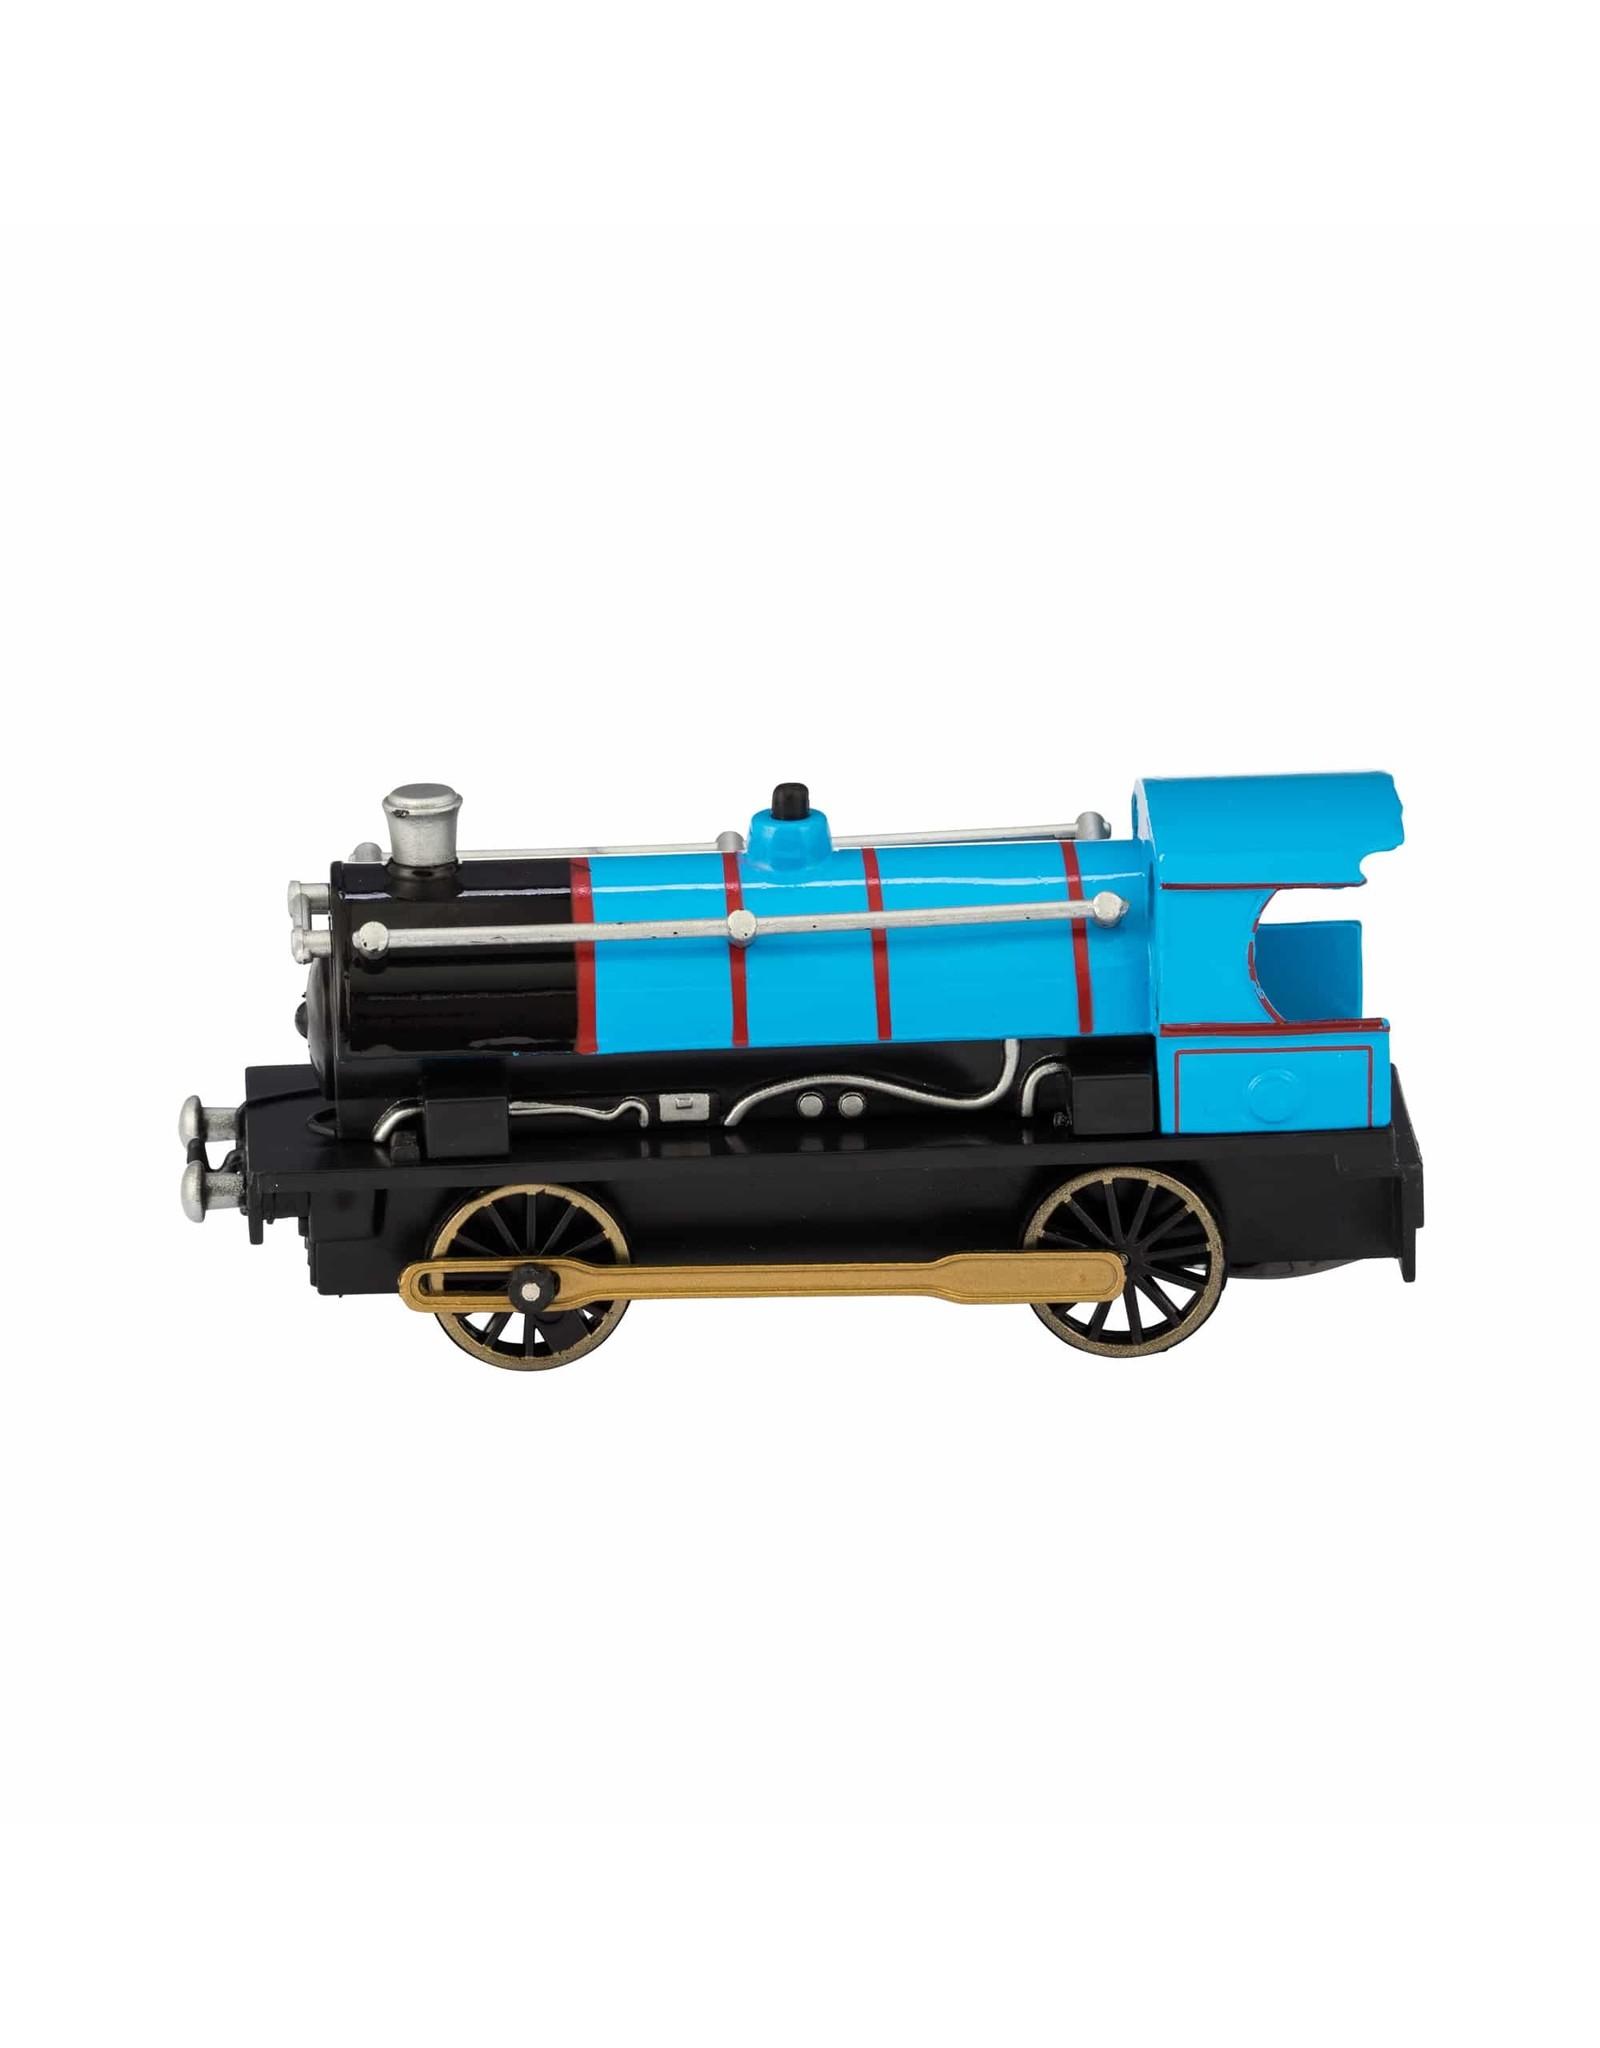 Schylling Die Cast Light/Sound Train